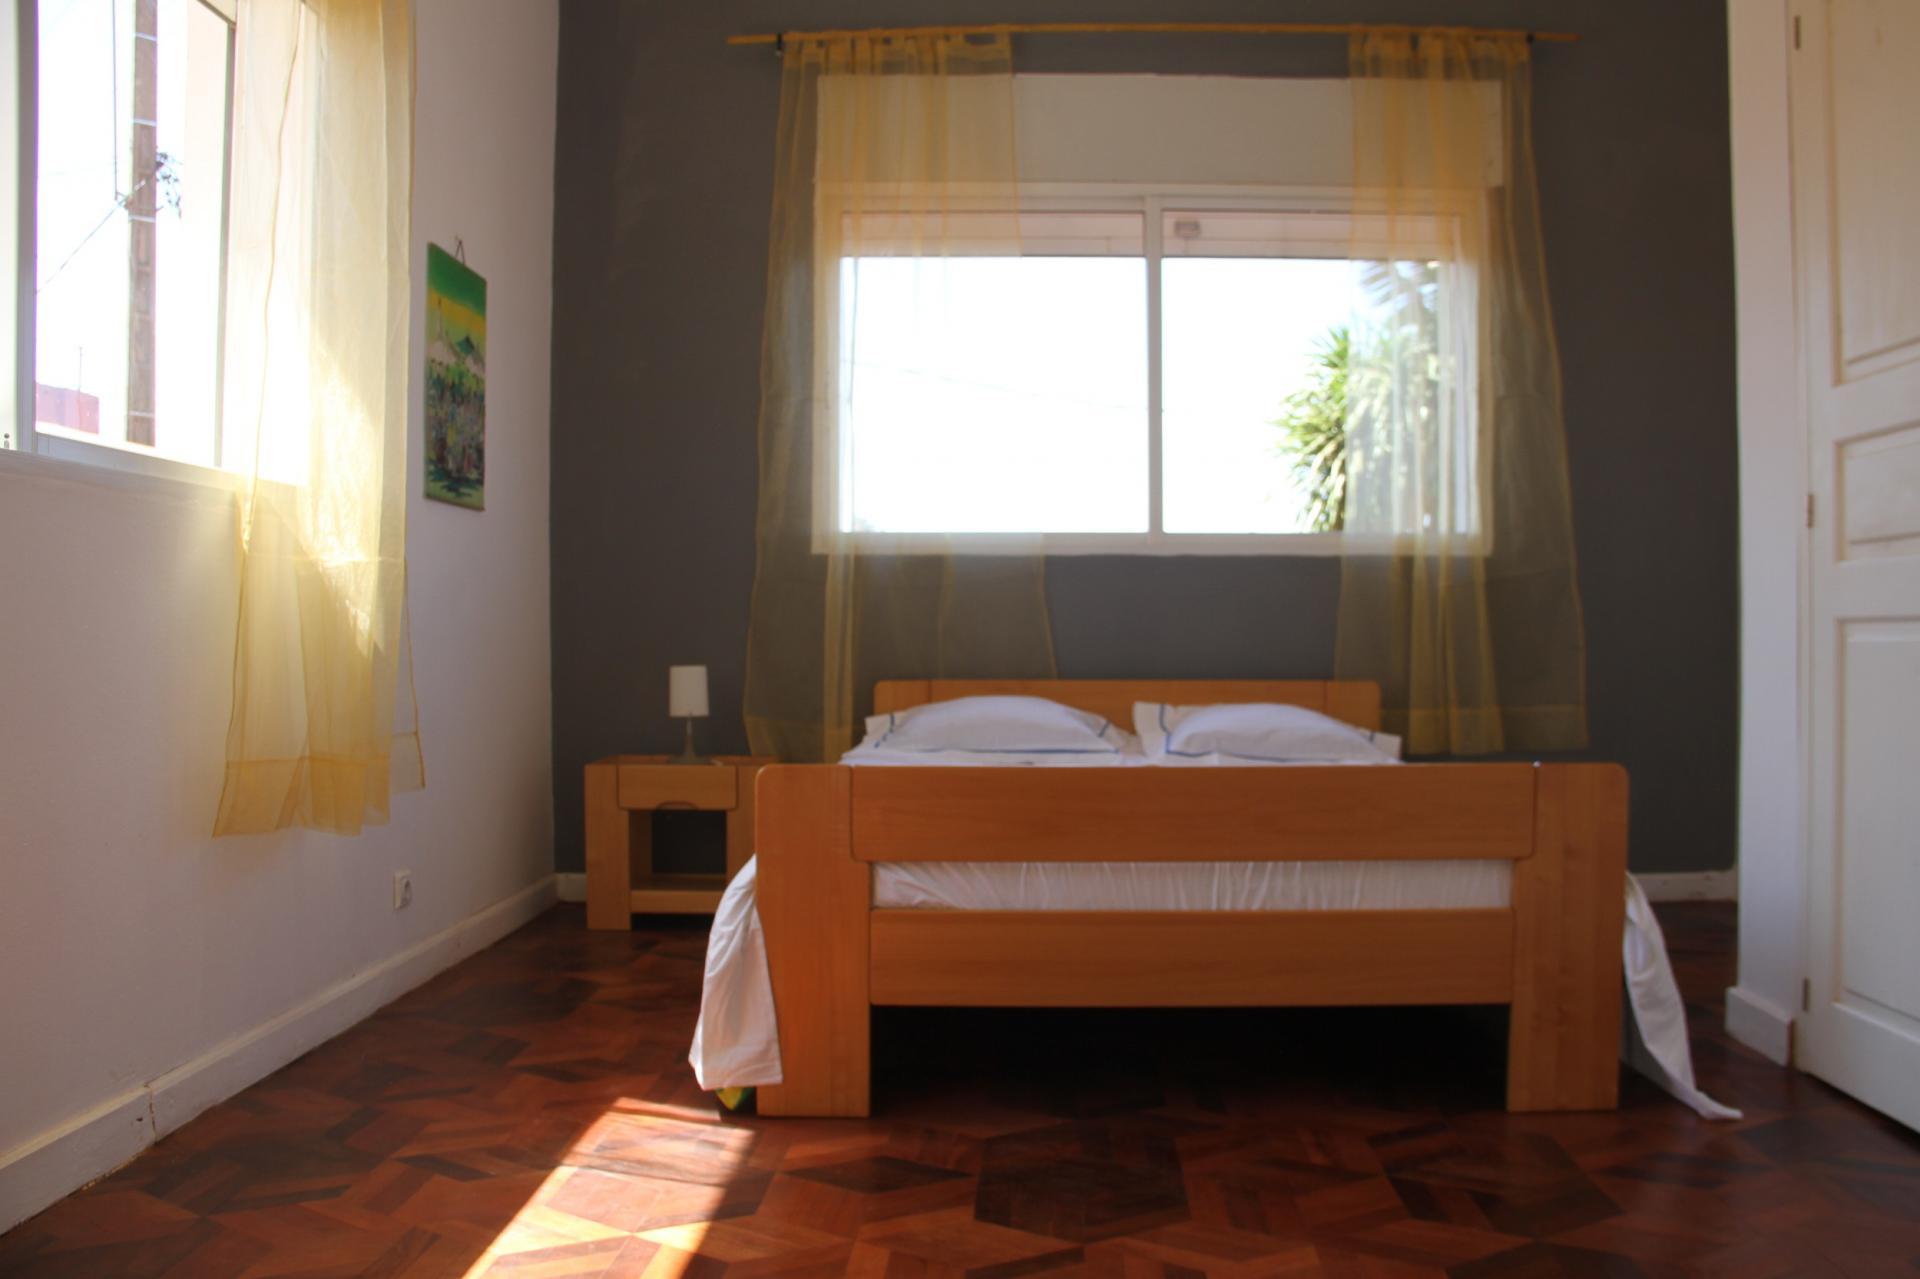 Location meublee antananarivo